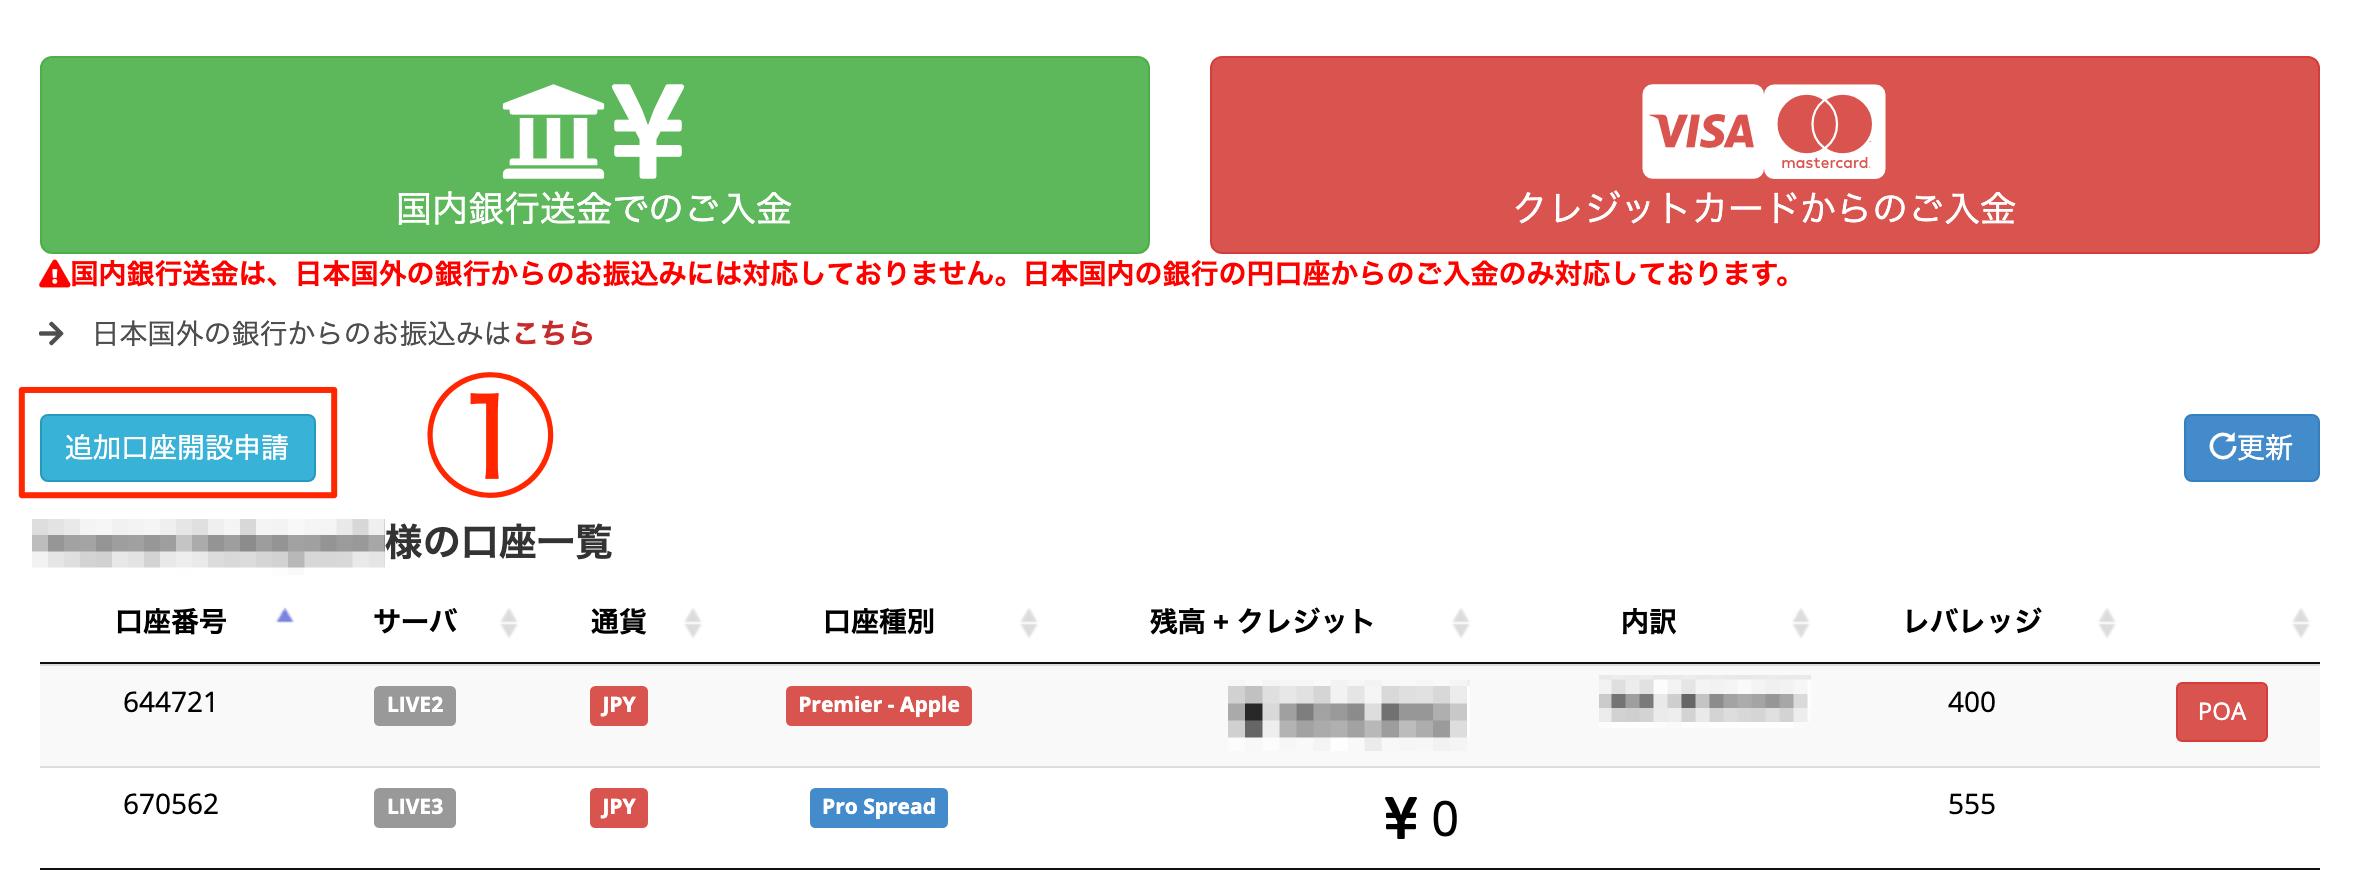 マイページを開き「追加口座開設申請」をクリック